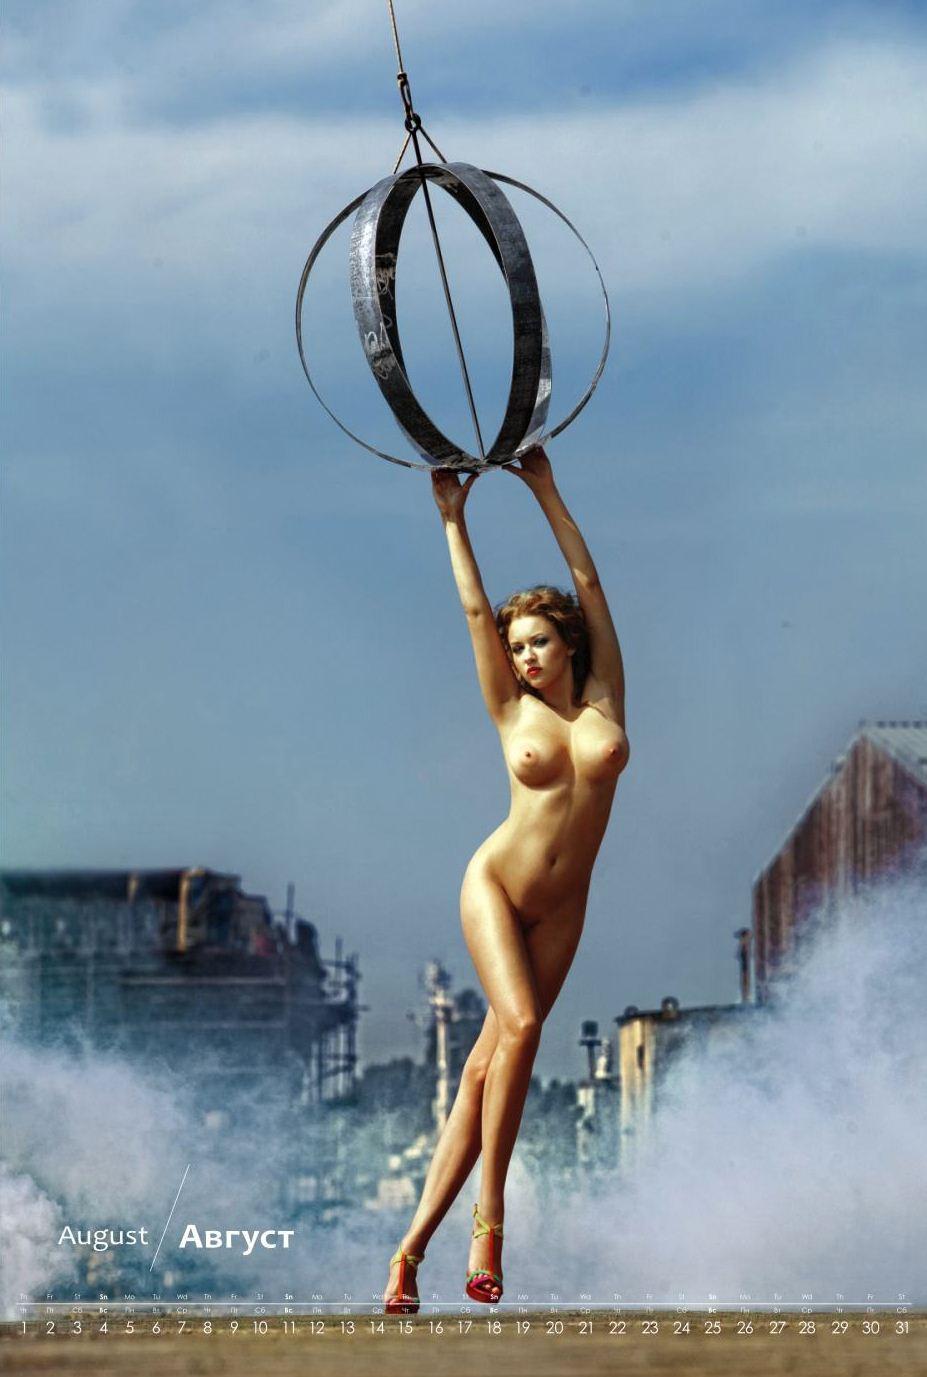 Эротический календарь судостроительного завода Краншип на 2013 год - август